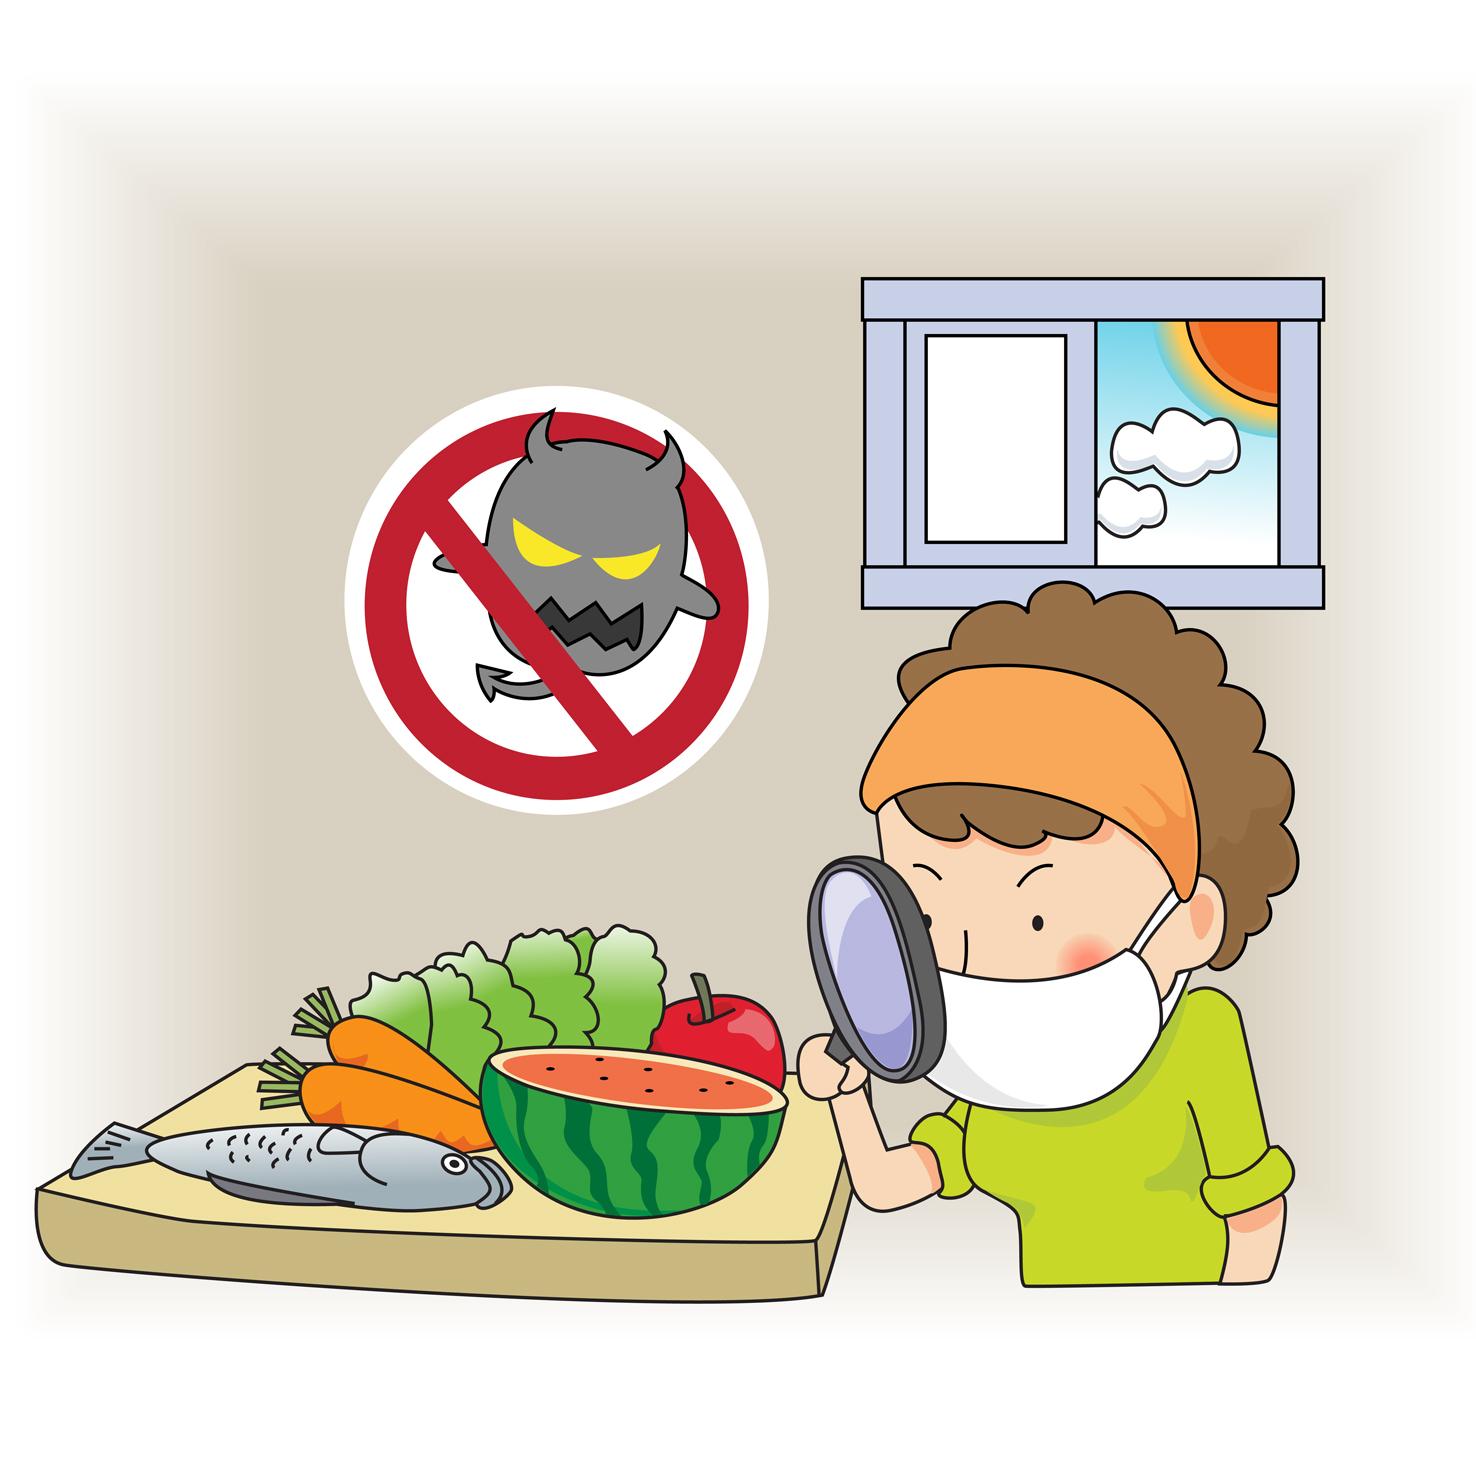 주부가과일과야채에세균이있는지돋보기로검사하고있음